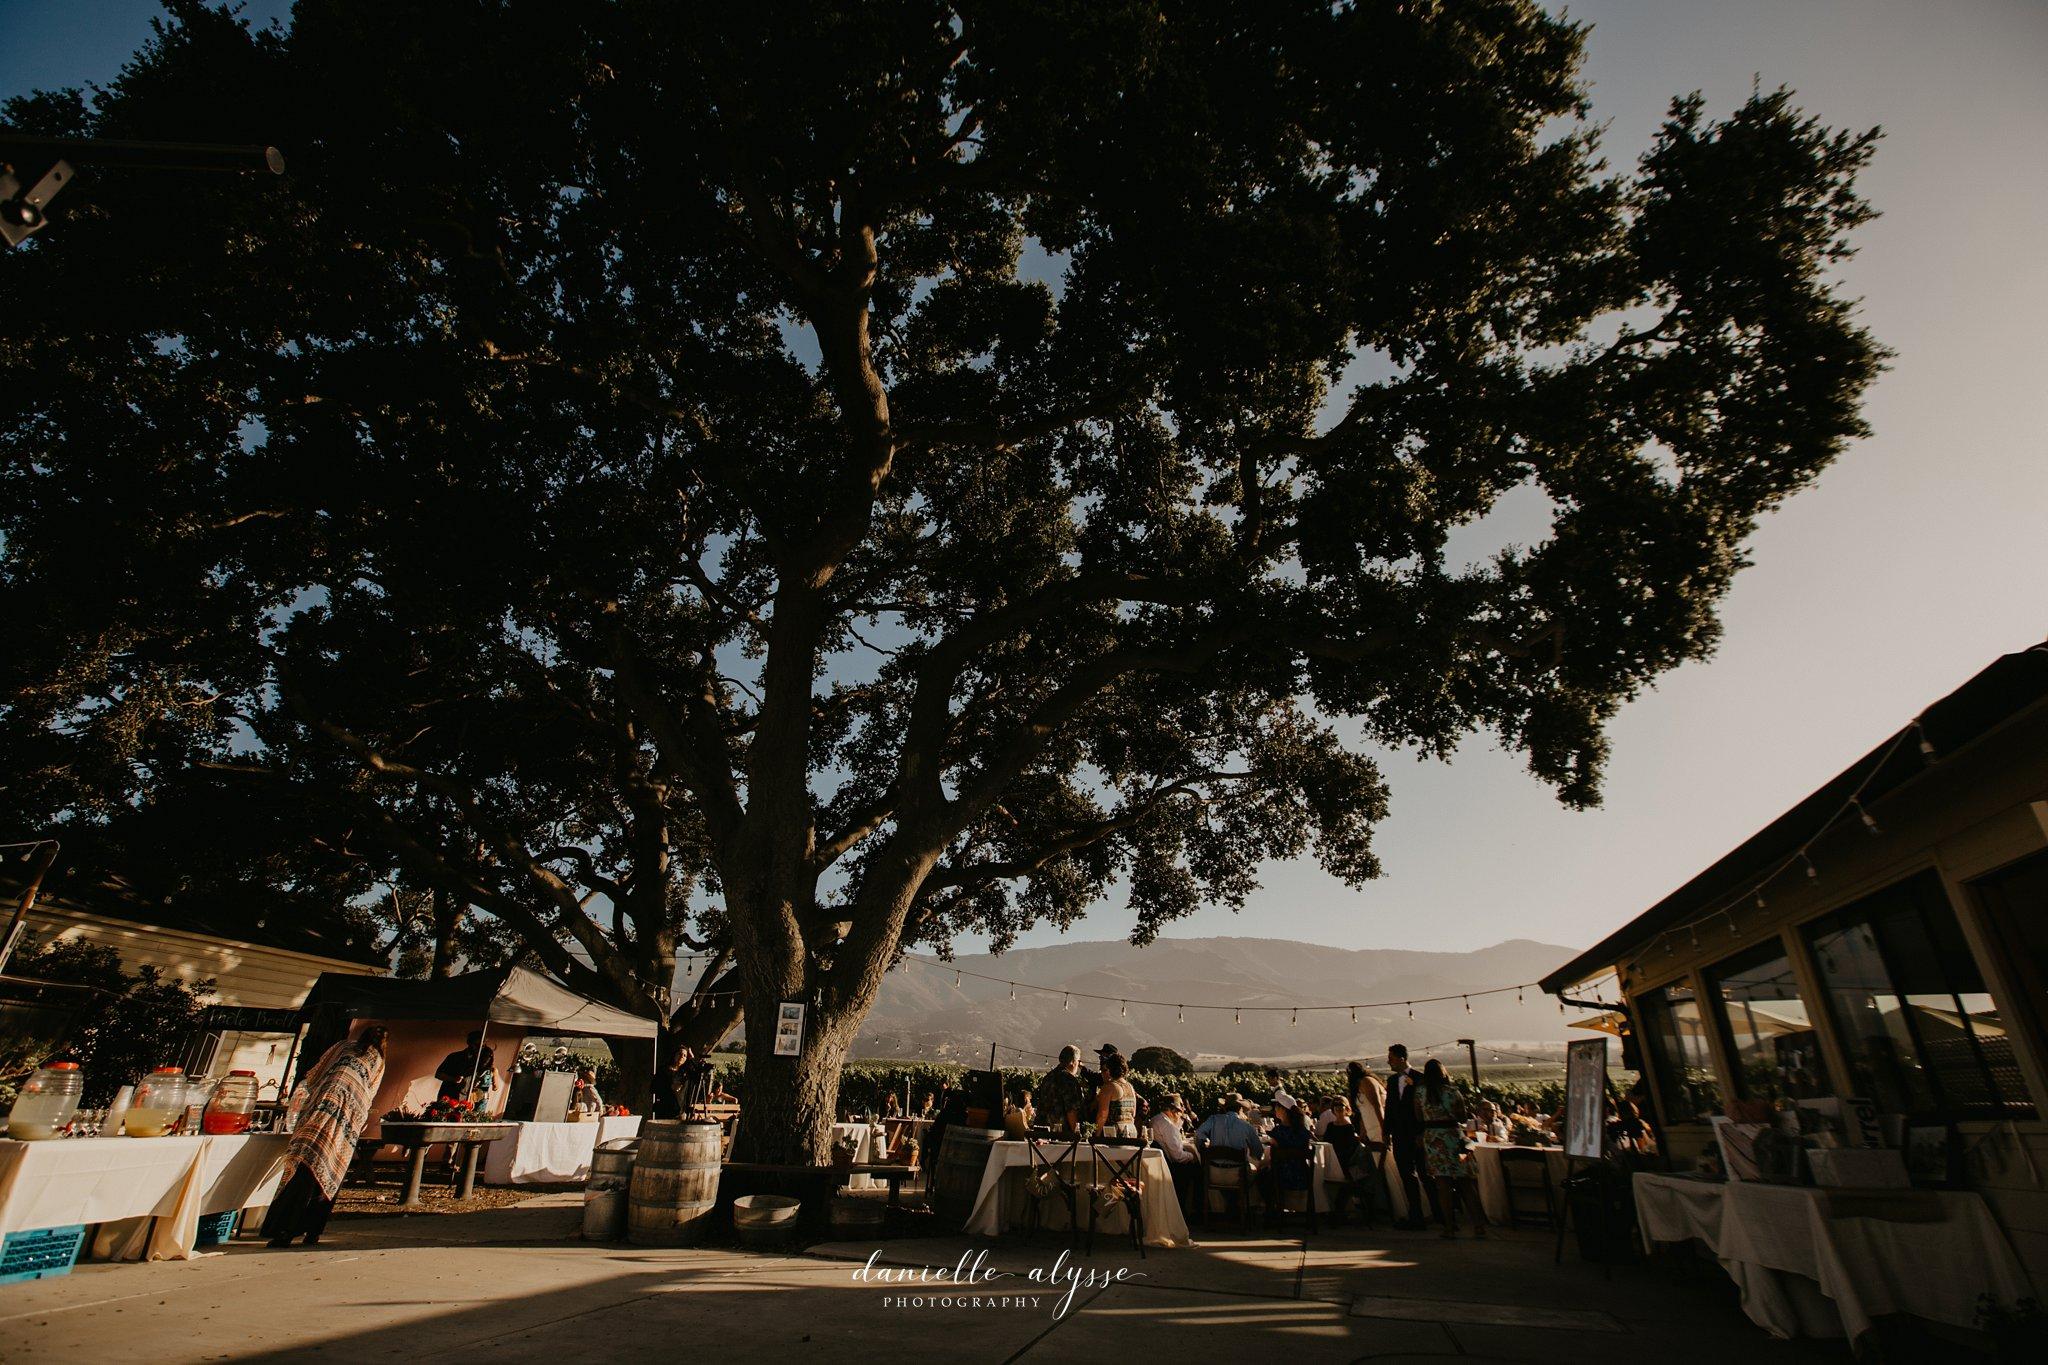 180630_wedding_lily_ryan_mission_soledad_california_danielle_alysse_photography_blog_943_WEB.jpg